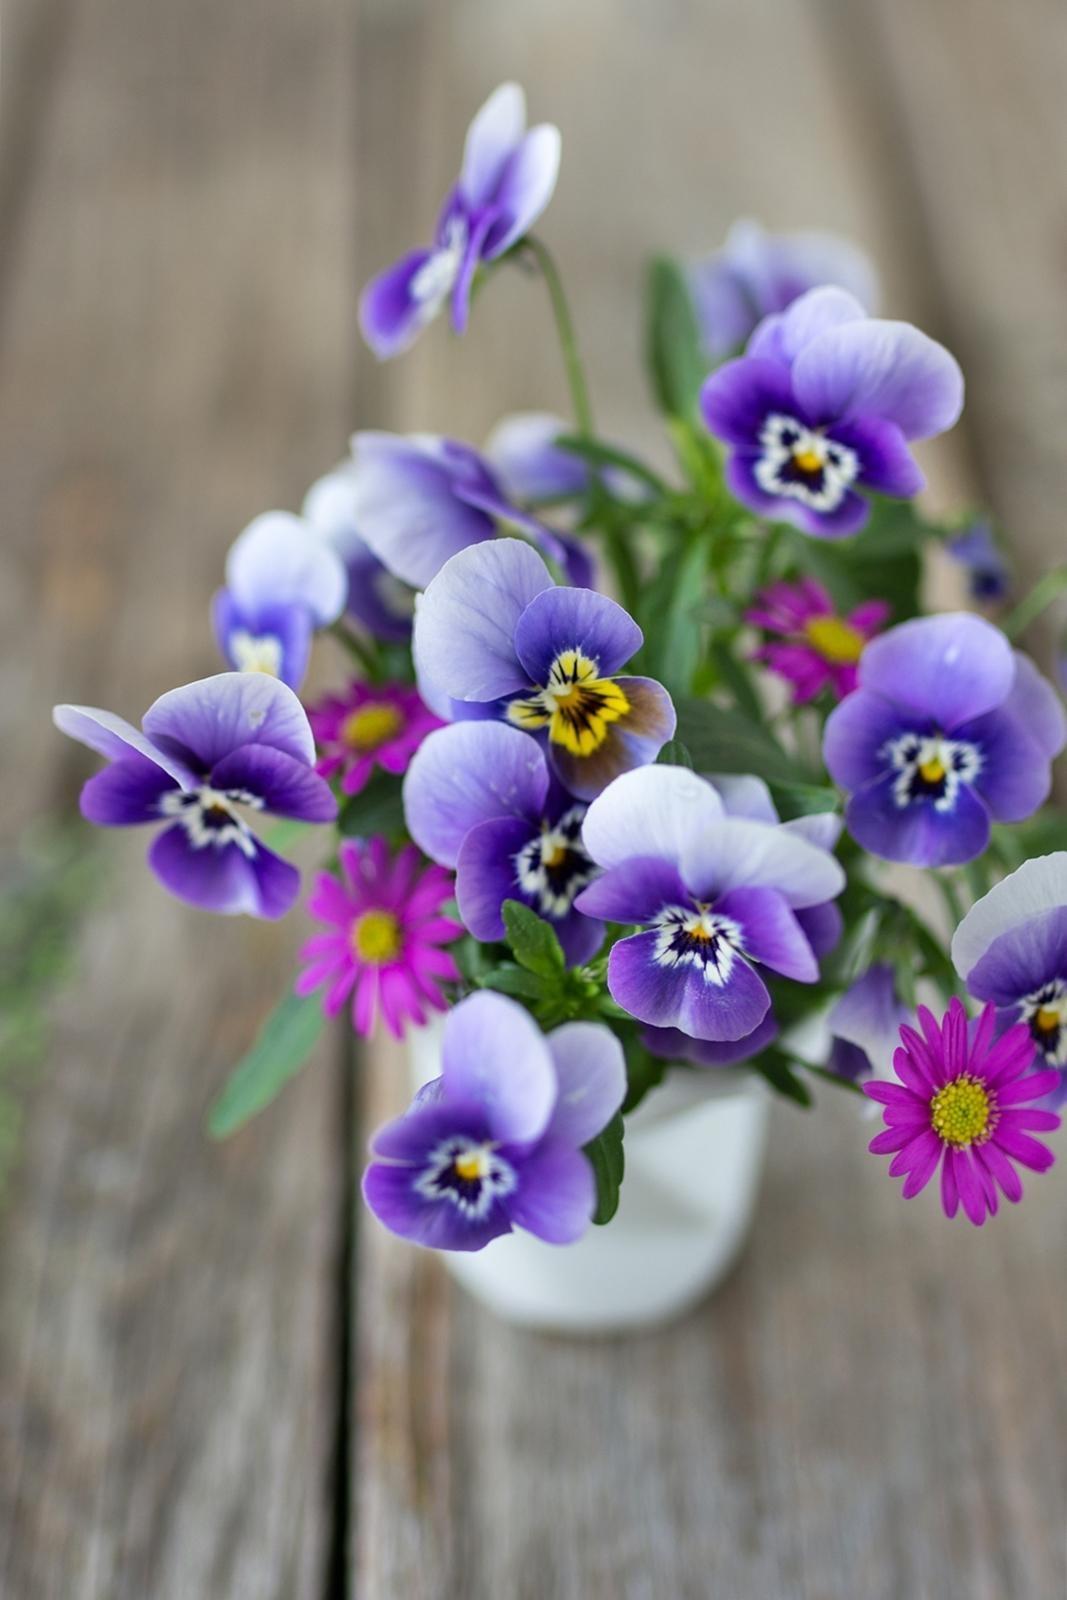 Lieblingsblumen Im Mai #stiefmütterchen #flowers #blumenliebe #deko